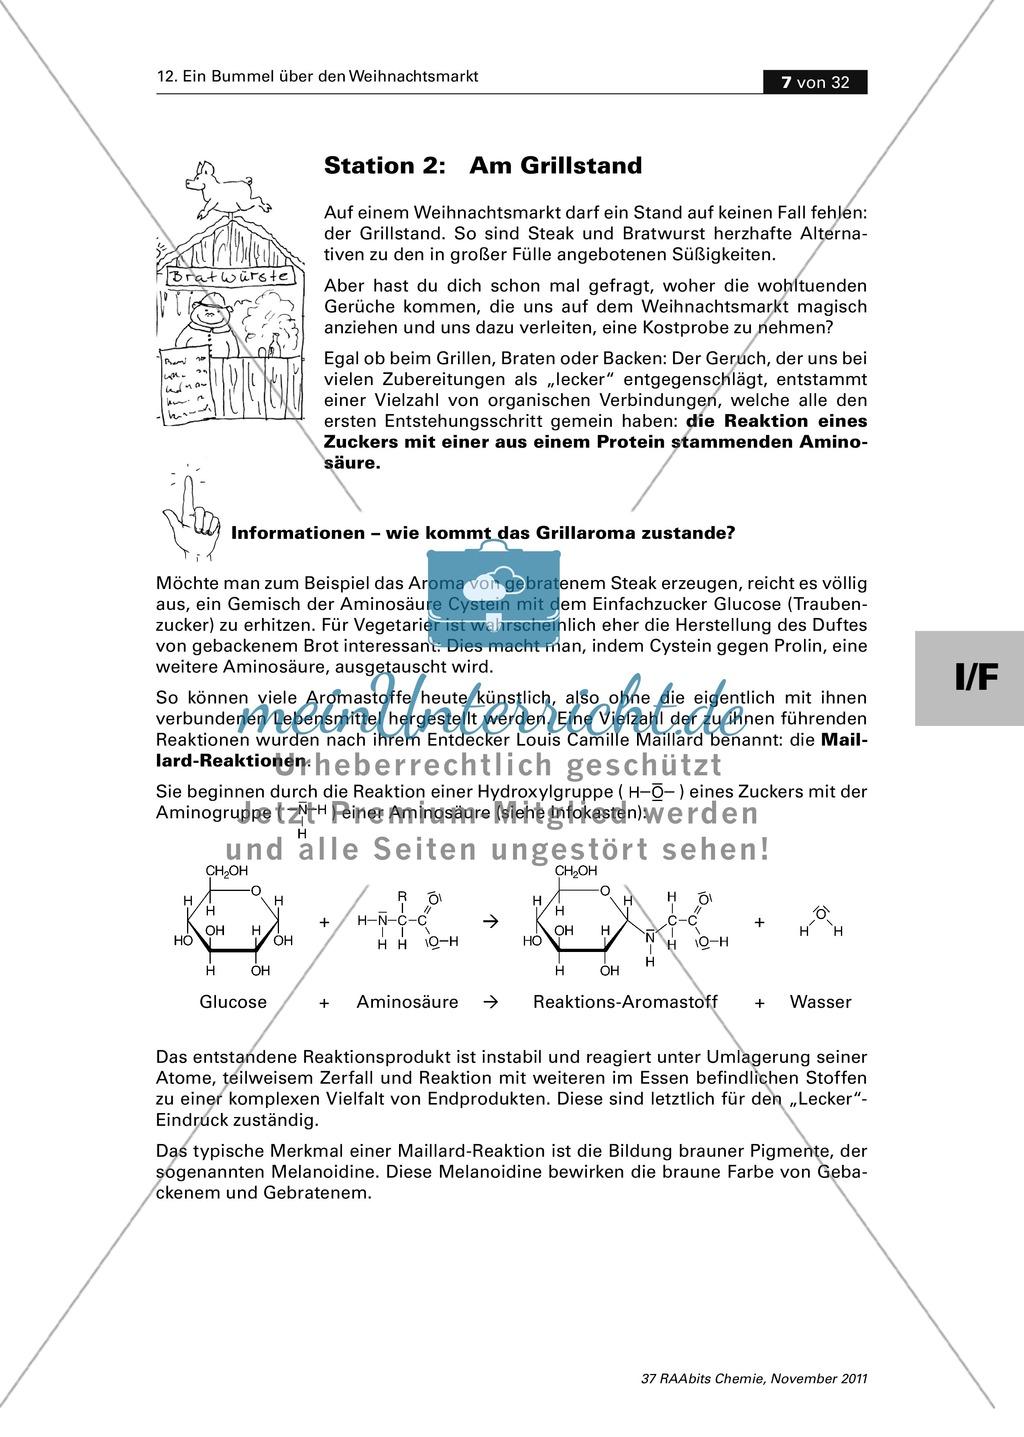 Organische Chemie an Stationen - Bummel über den Weihnachtsmarkt Preview 4